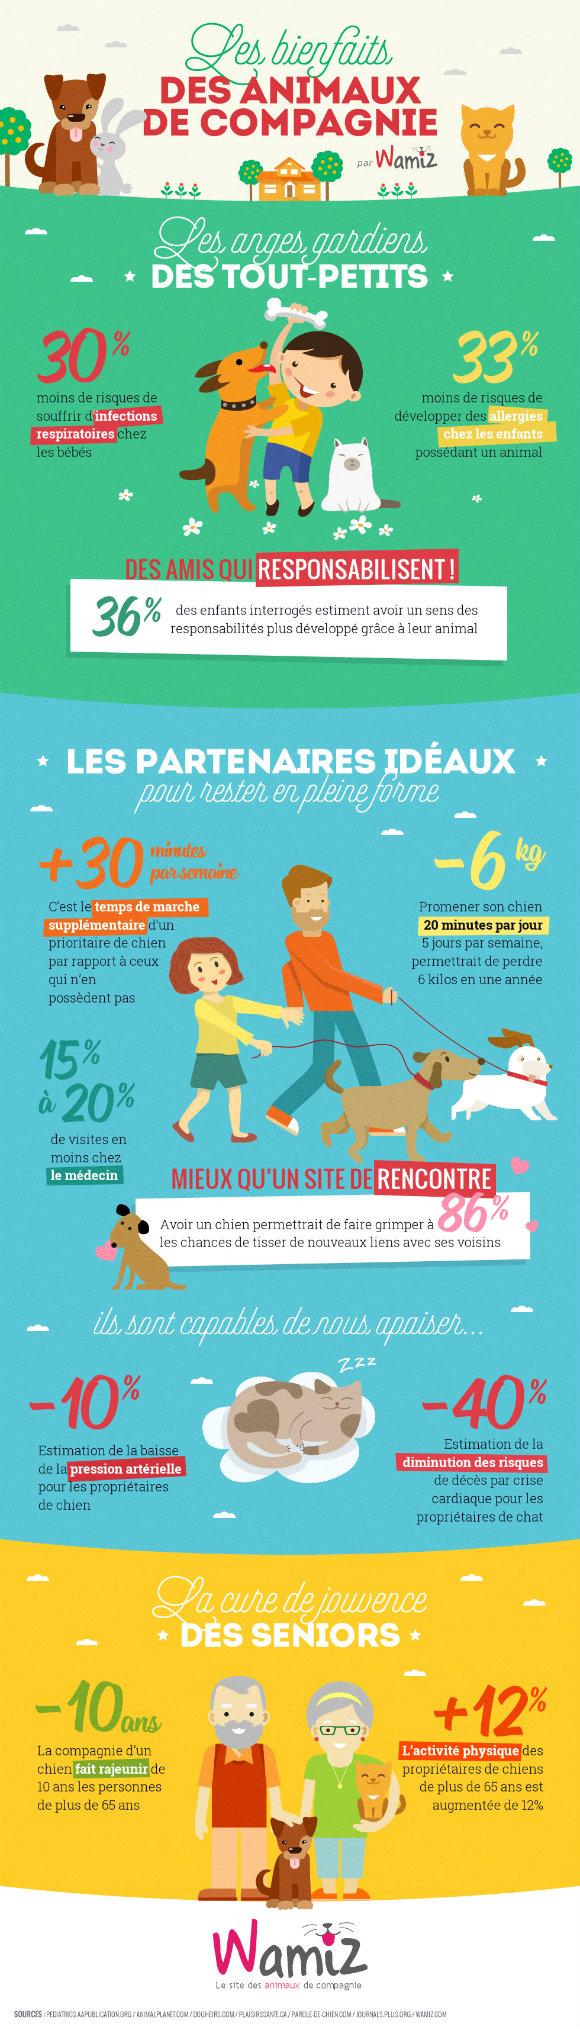 Les bienfaits des animaux de compagnie pour les humains en une infographie !